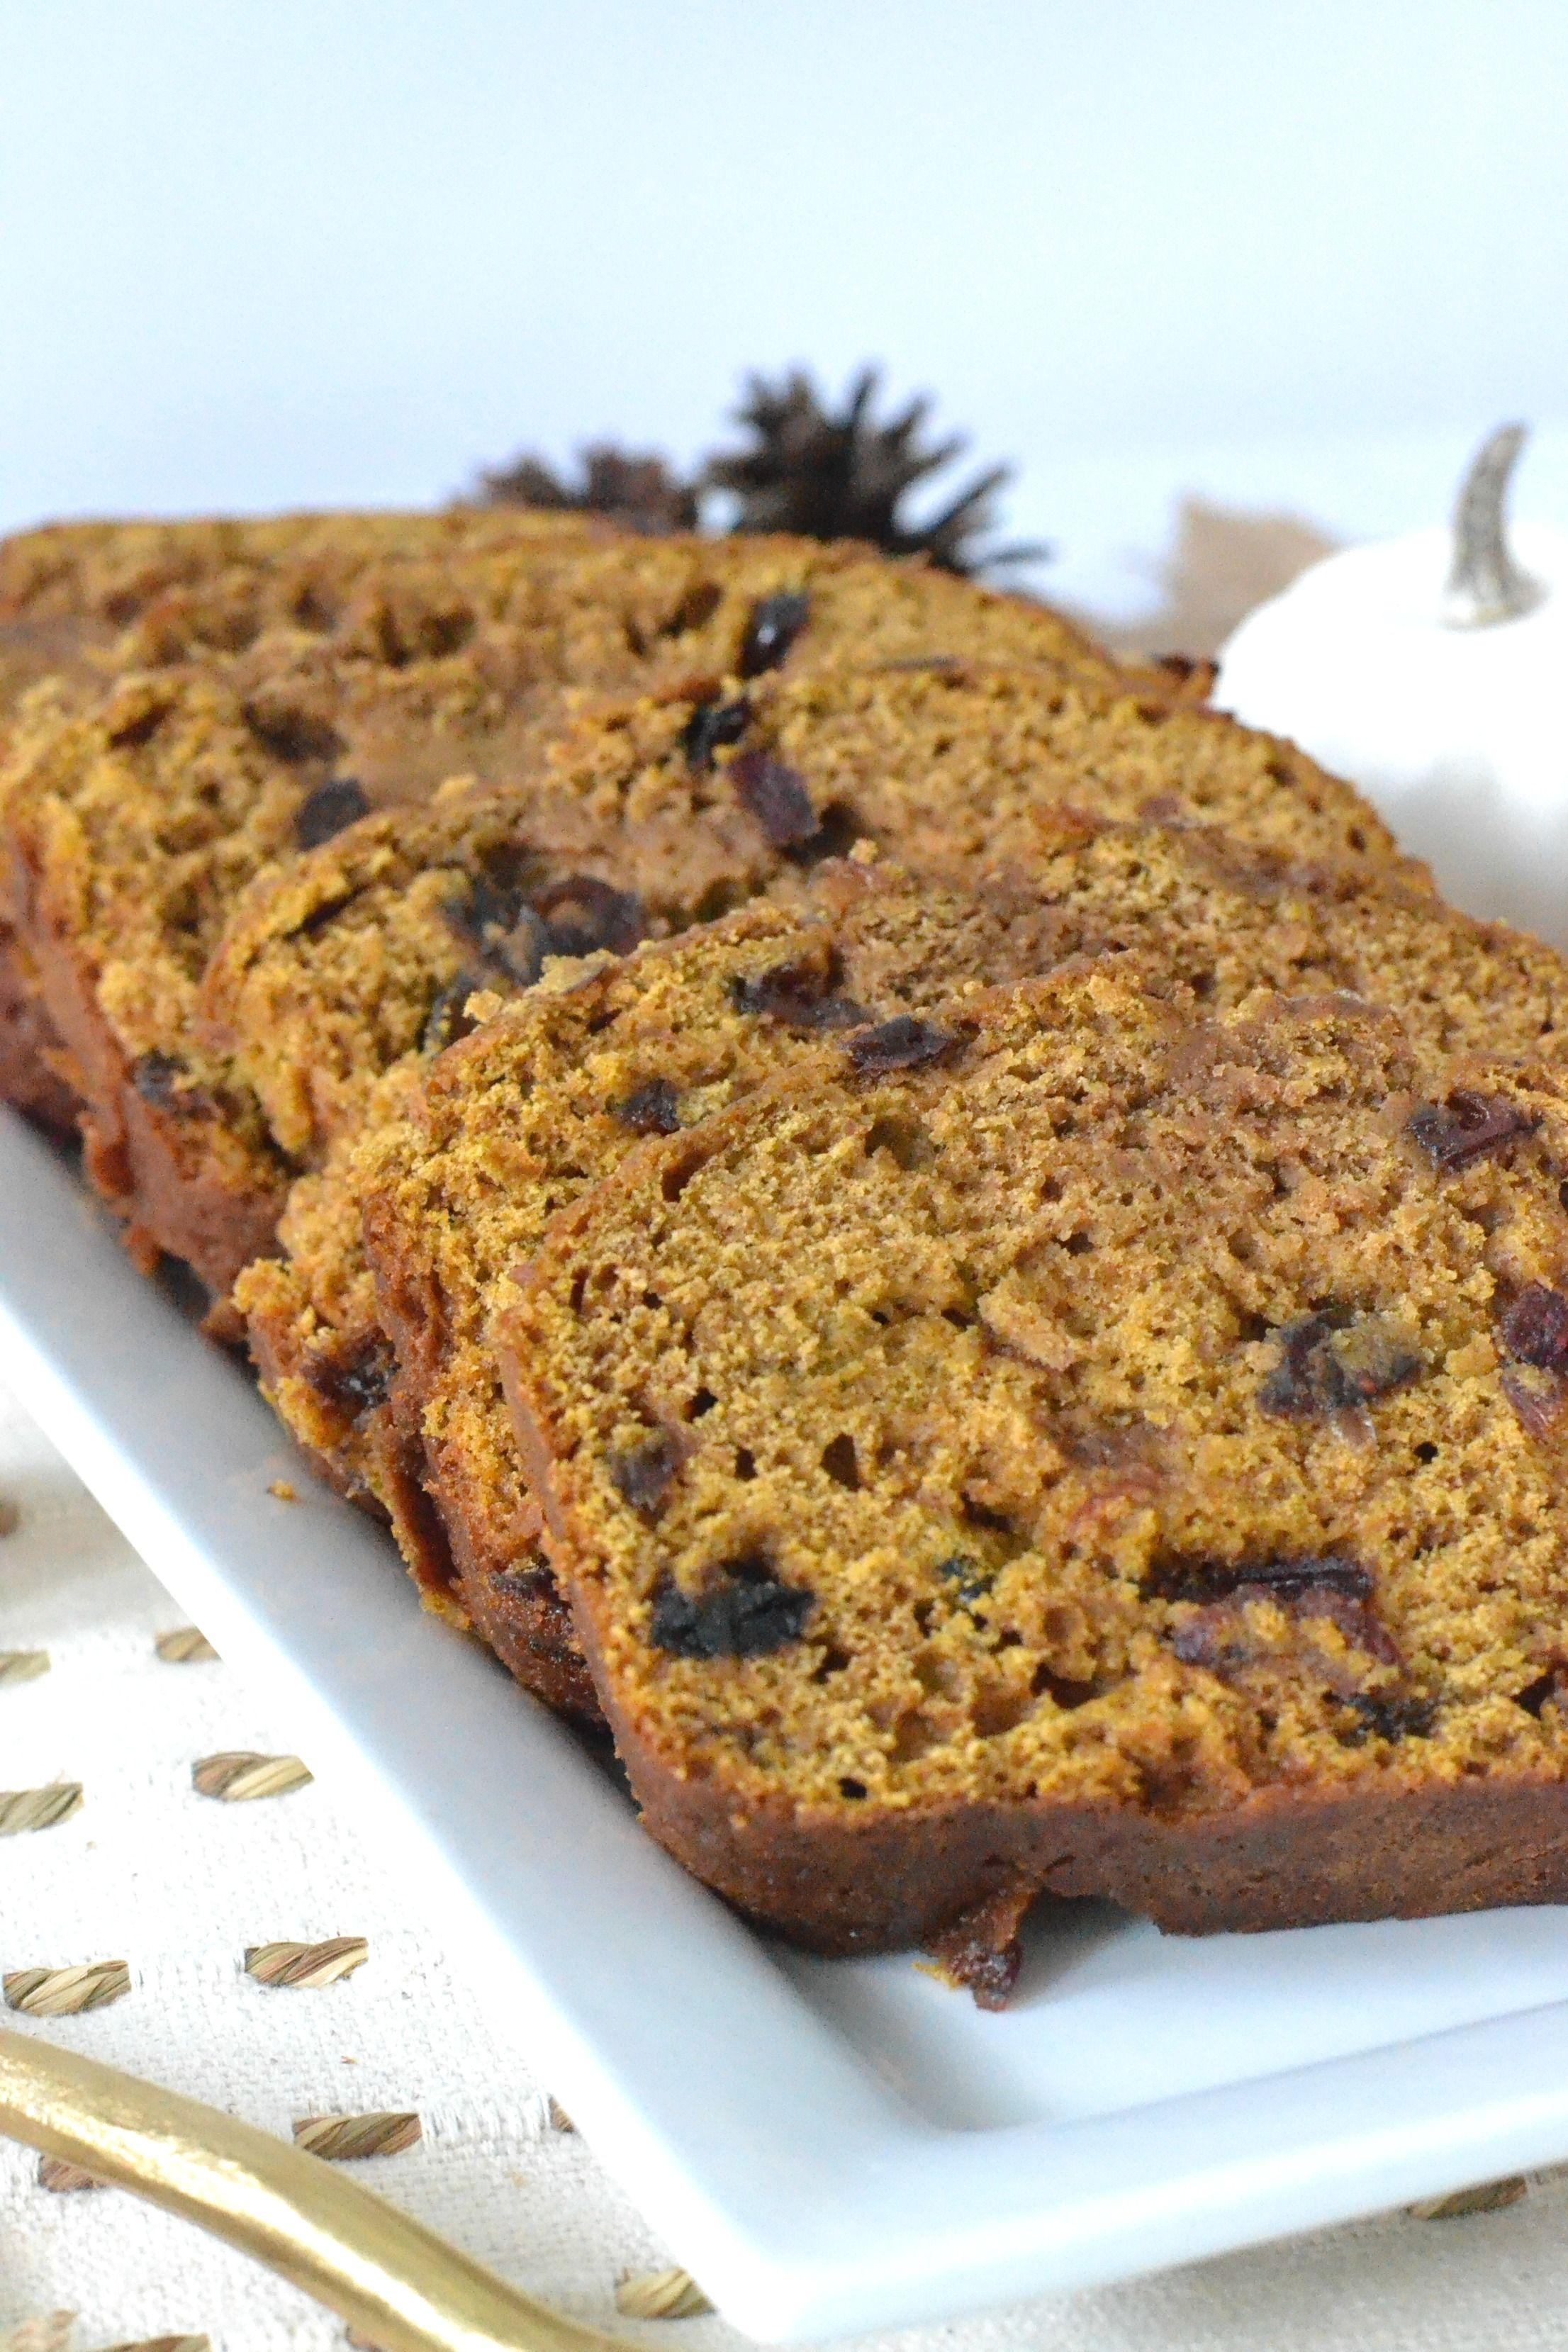 Cranberry Pumpkin Buttermilk Bread Recipe Pumpkin Cranberry Bread Buttermilk Bread Pumpkin Recipes